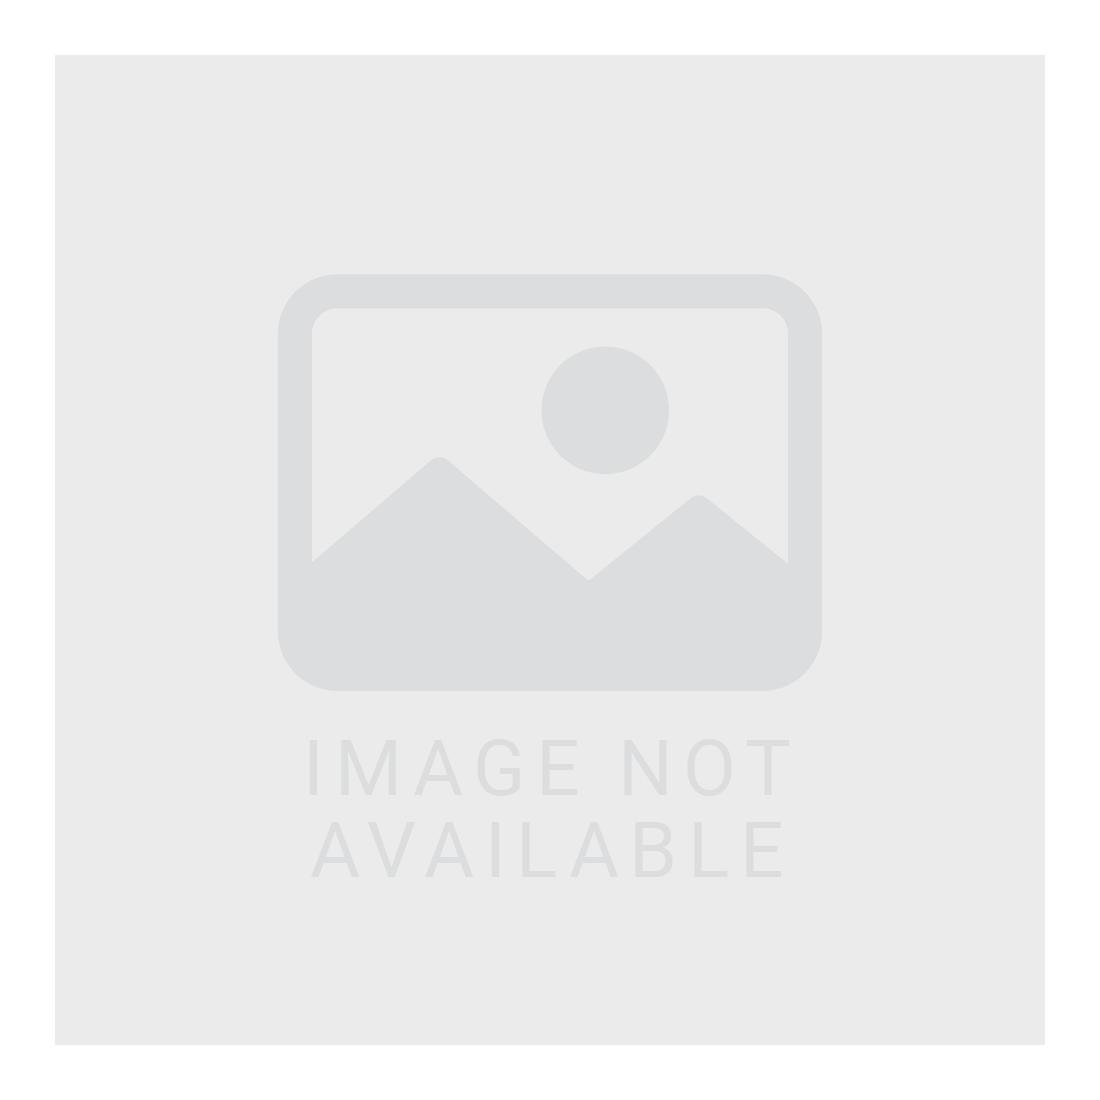 3D Texture Cap